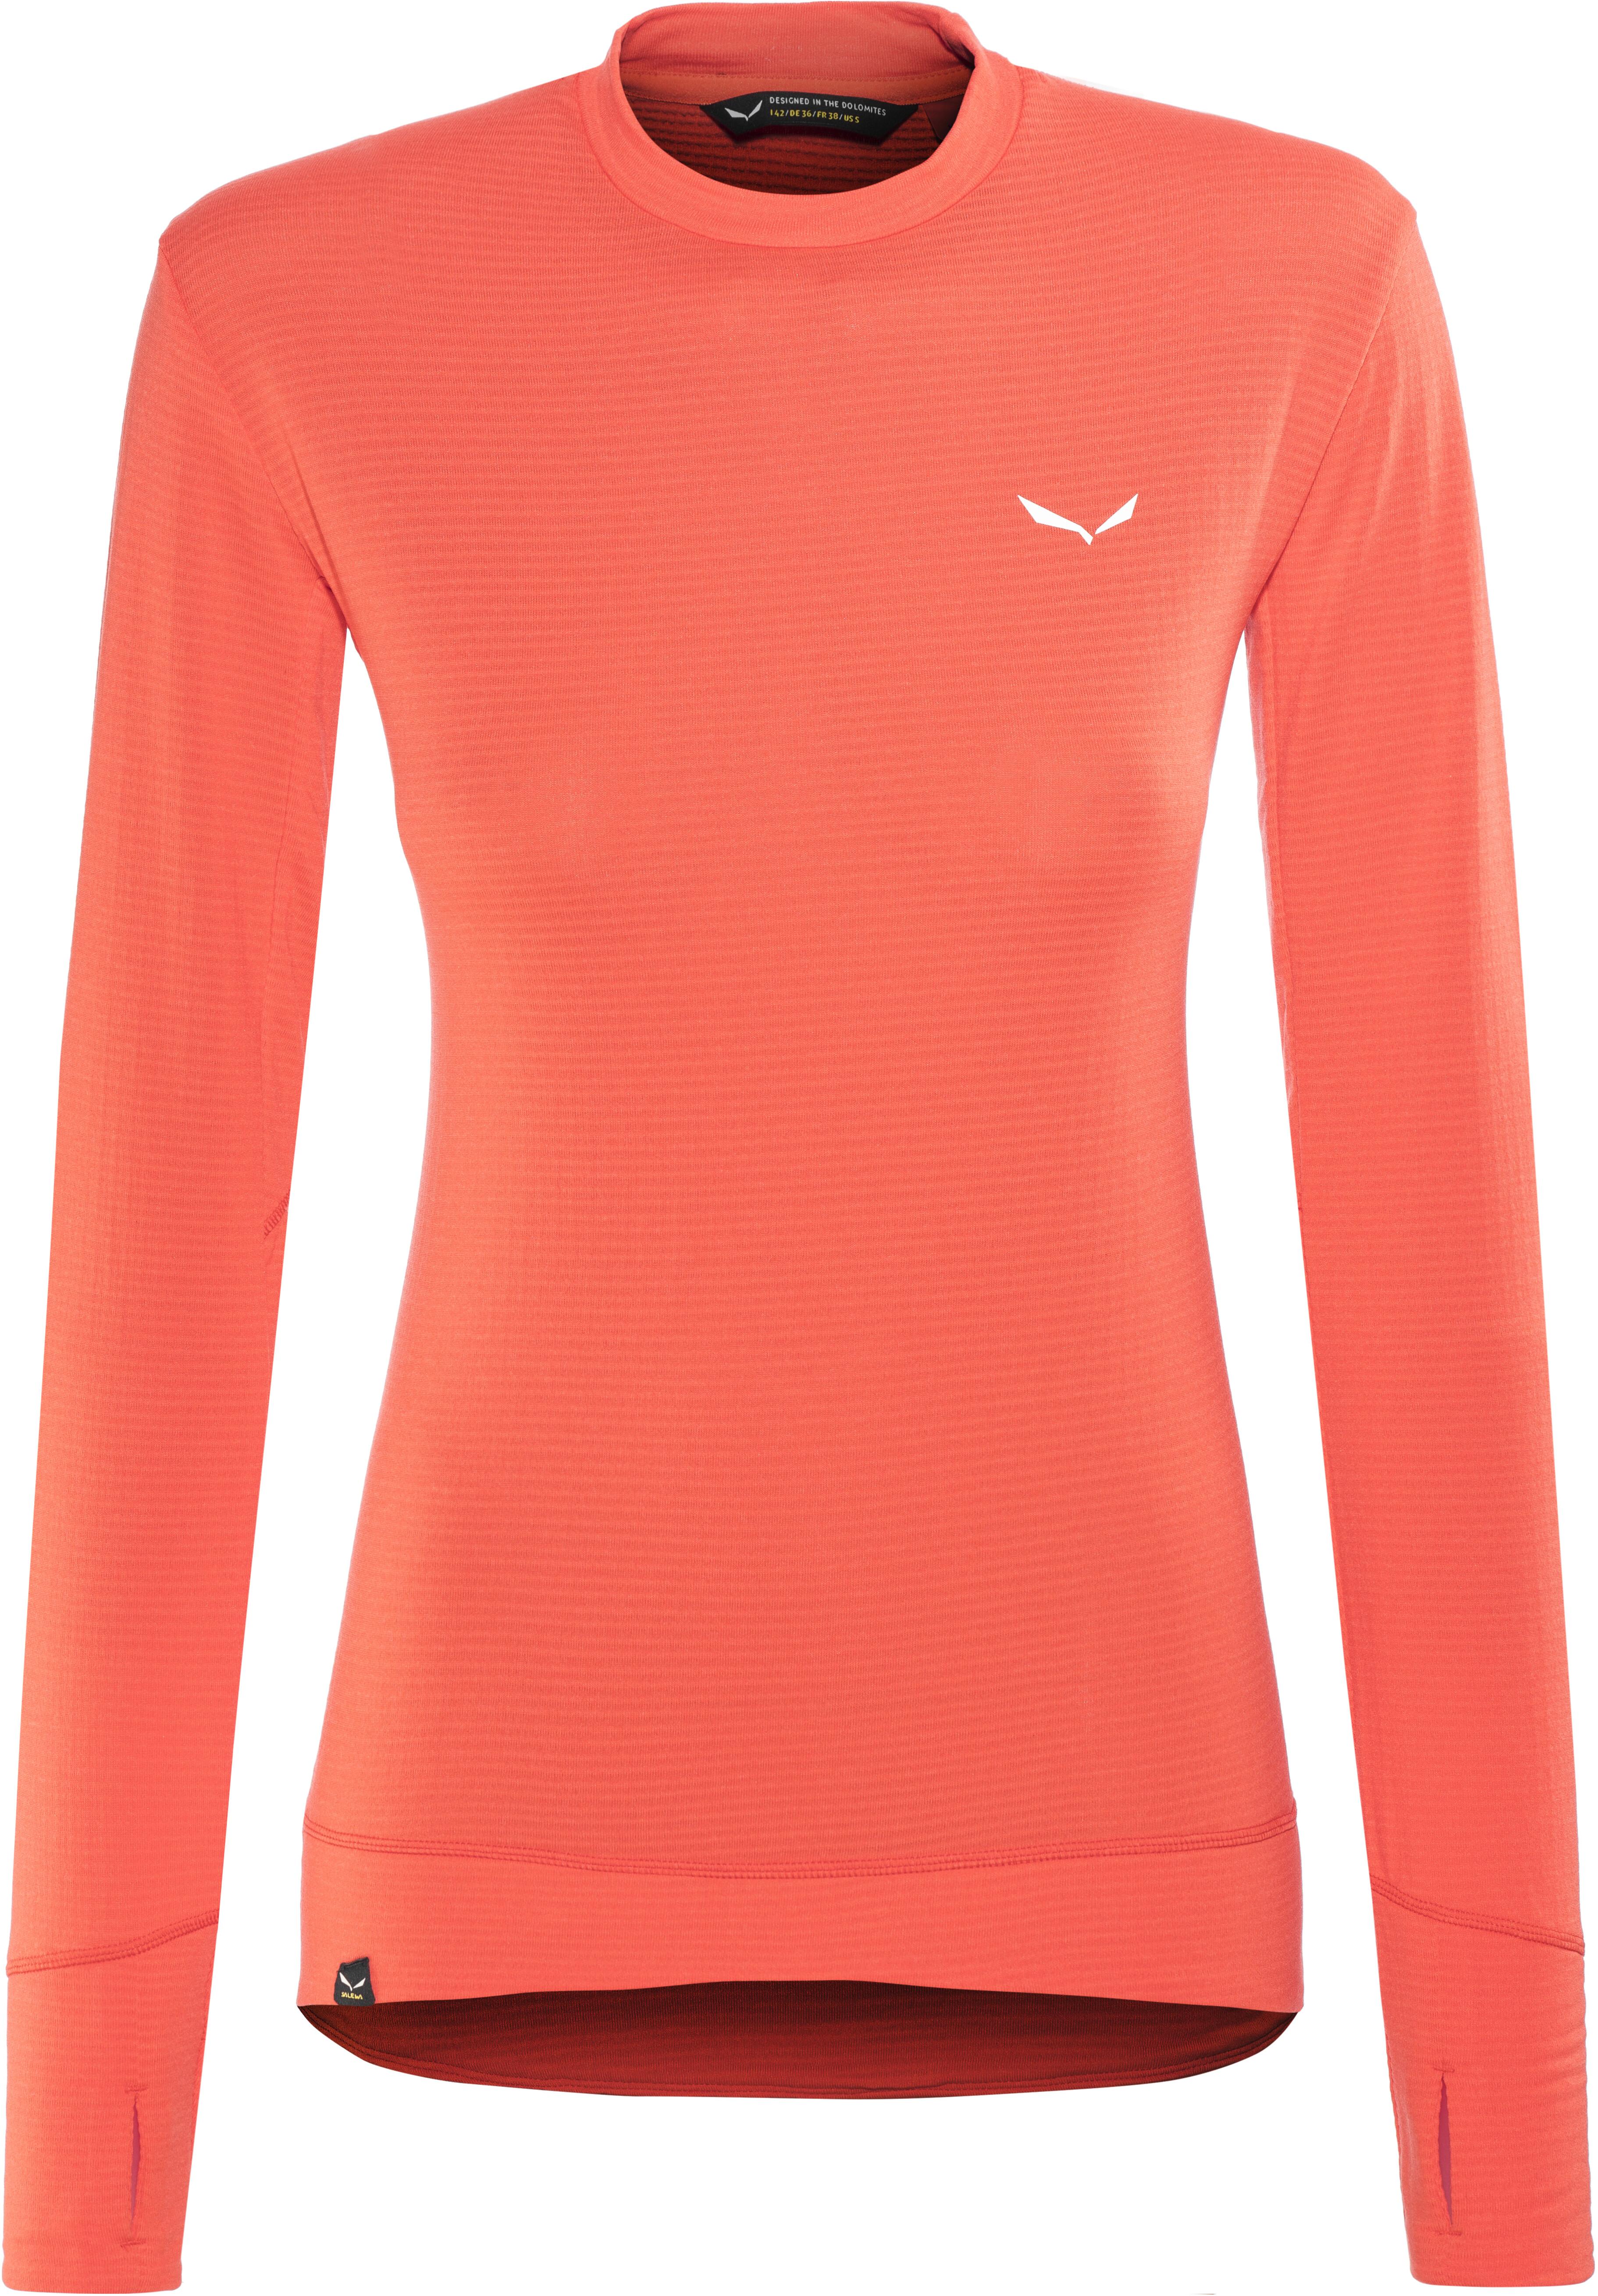 a0efd76d410 Salewa Pedroc PTC - T-shirt manches longues Femme - rouge sur CAMPZ !